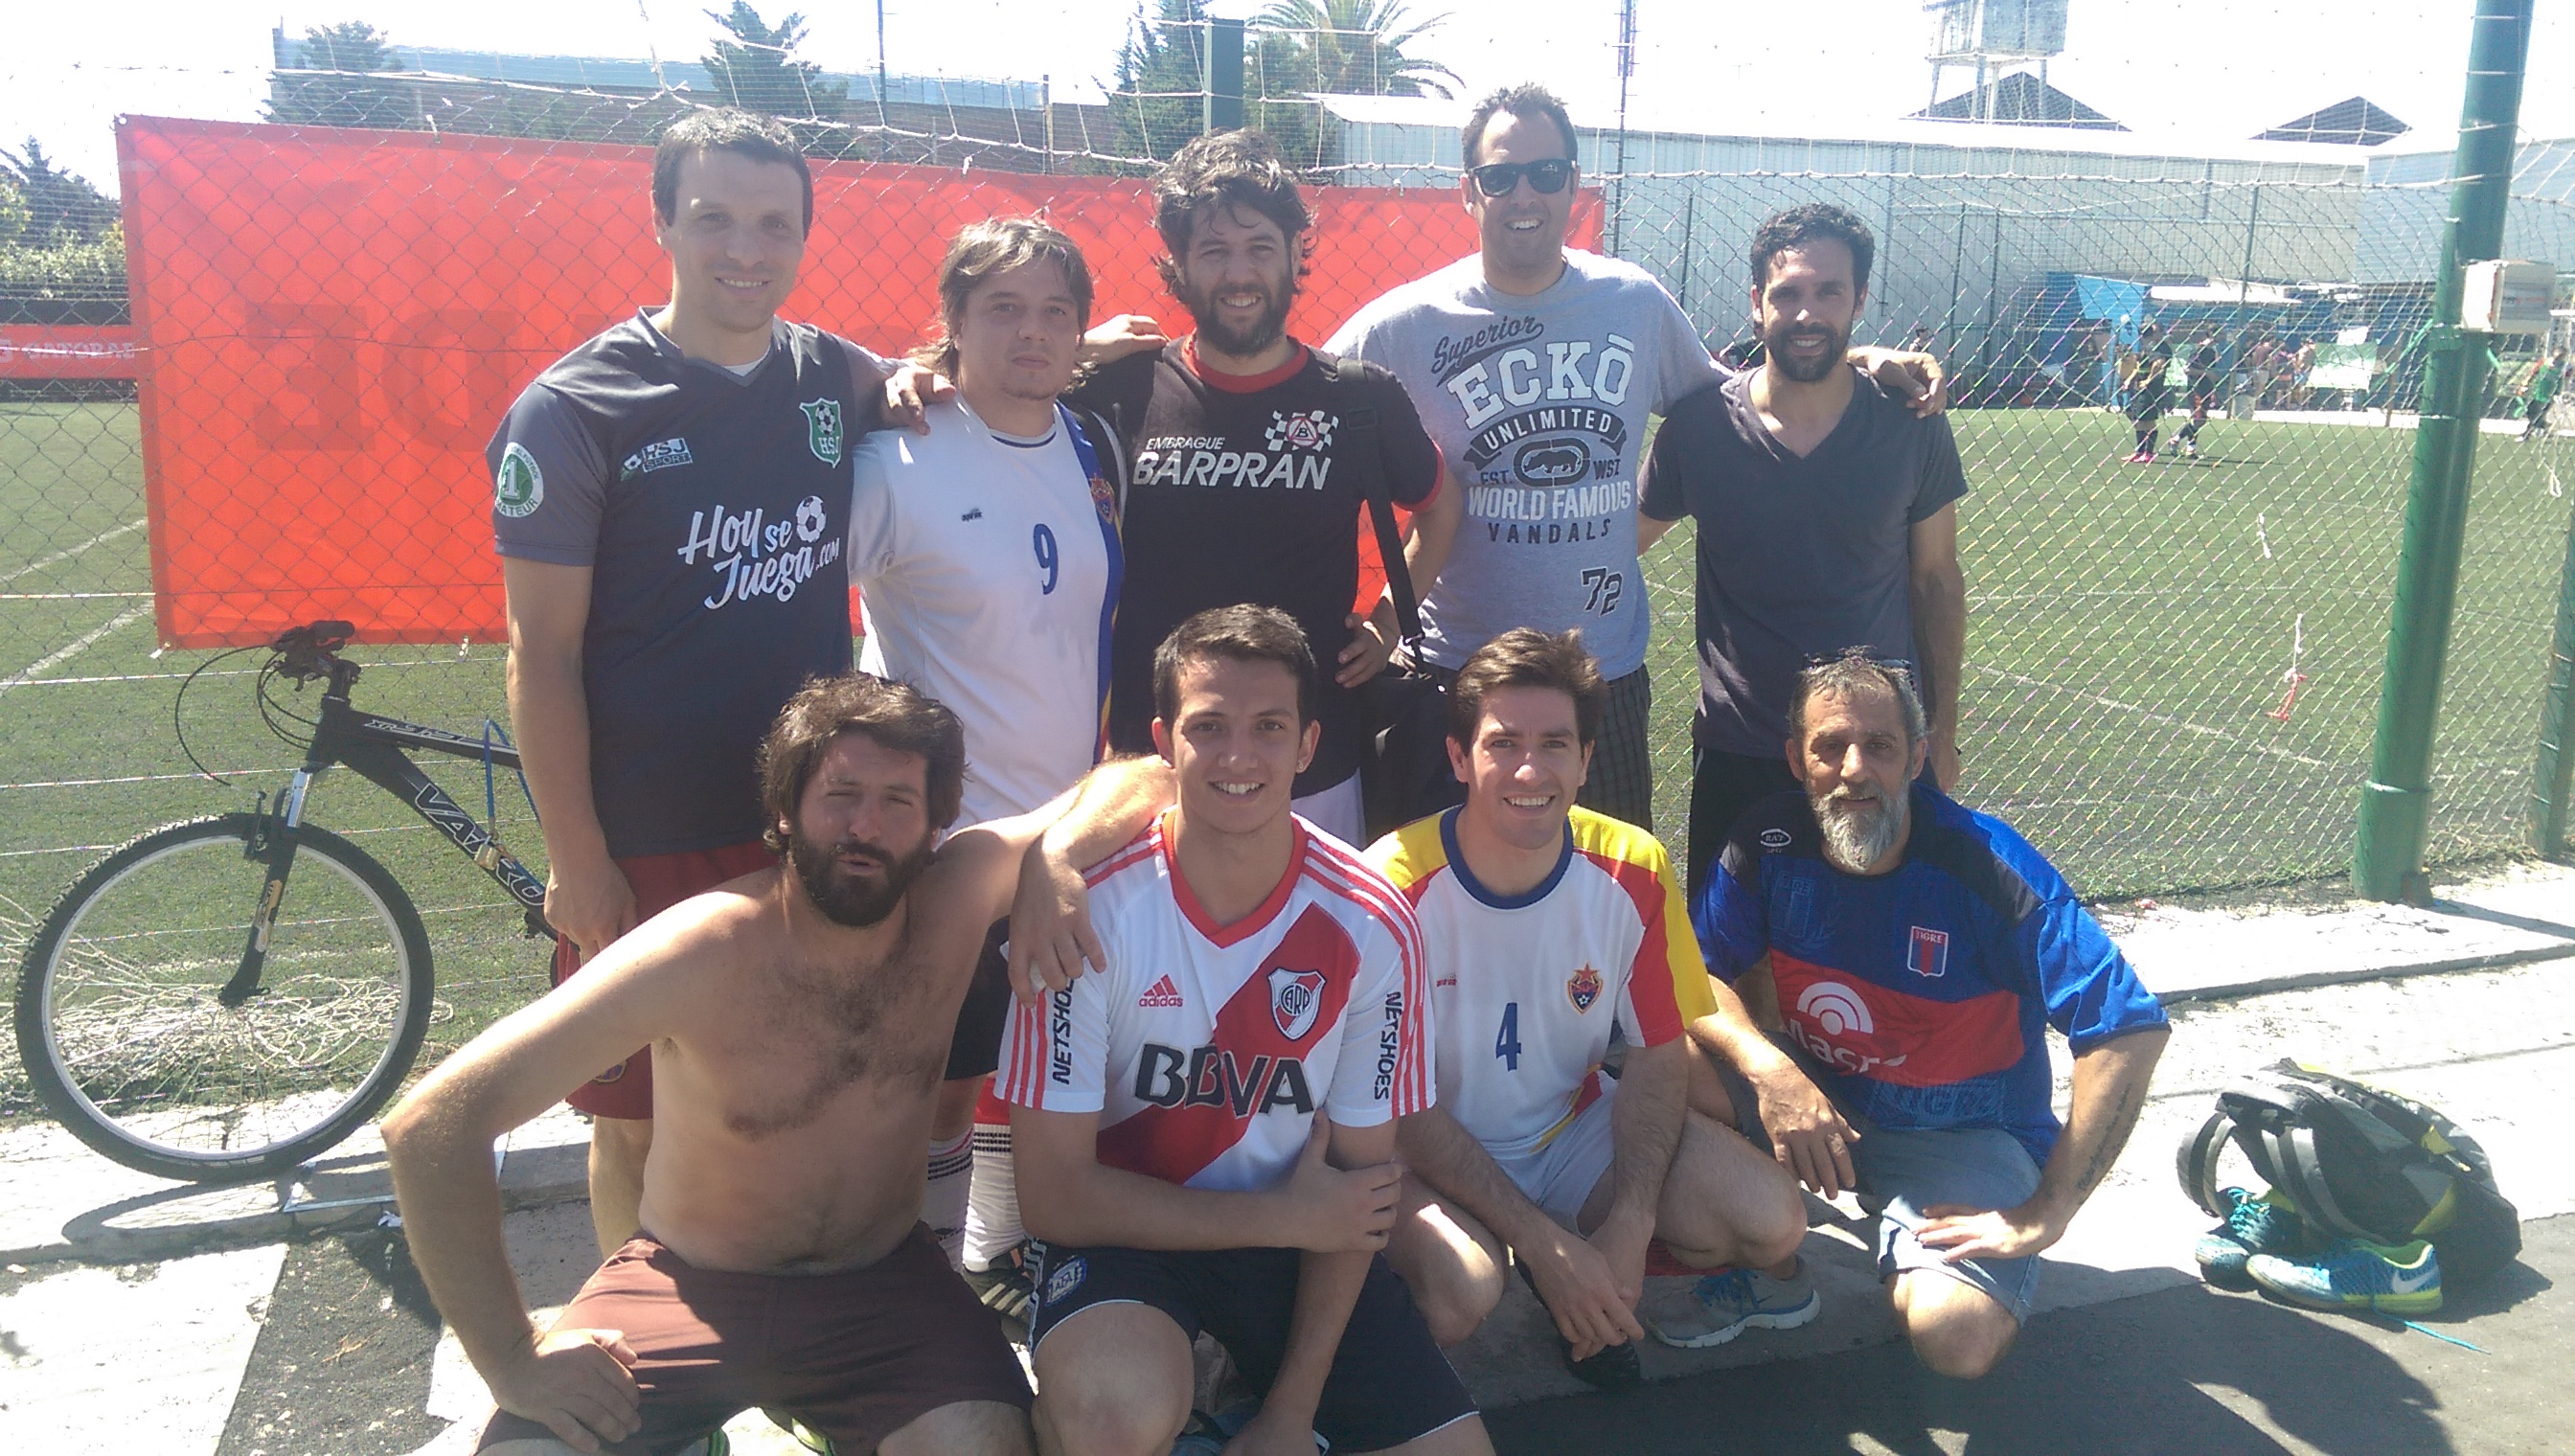 El equipo Pachorra Smaldone juega fútbol 8 en los torneos Edeba y sus jugadores nos cuentan sobre sus casi diez años de historia en el fútbol amateur